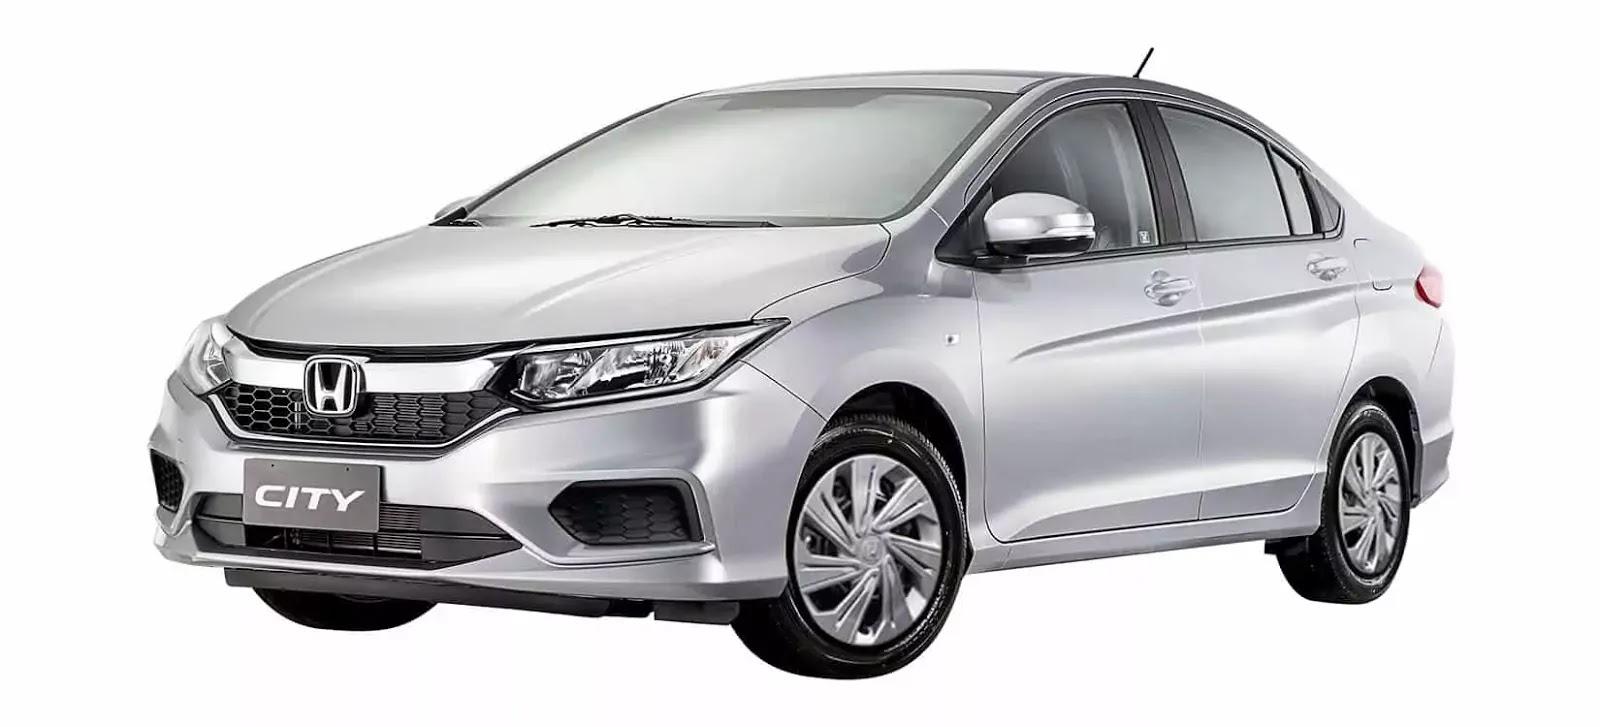 Honda City 1.5 S CVT